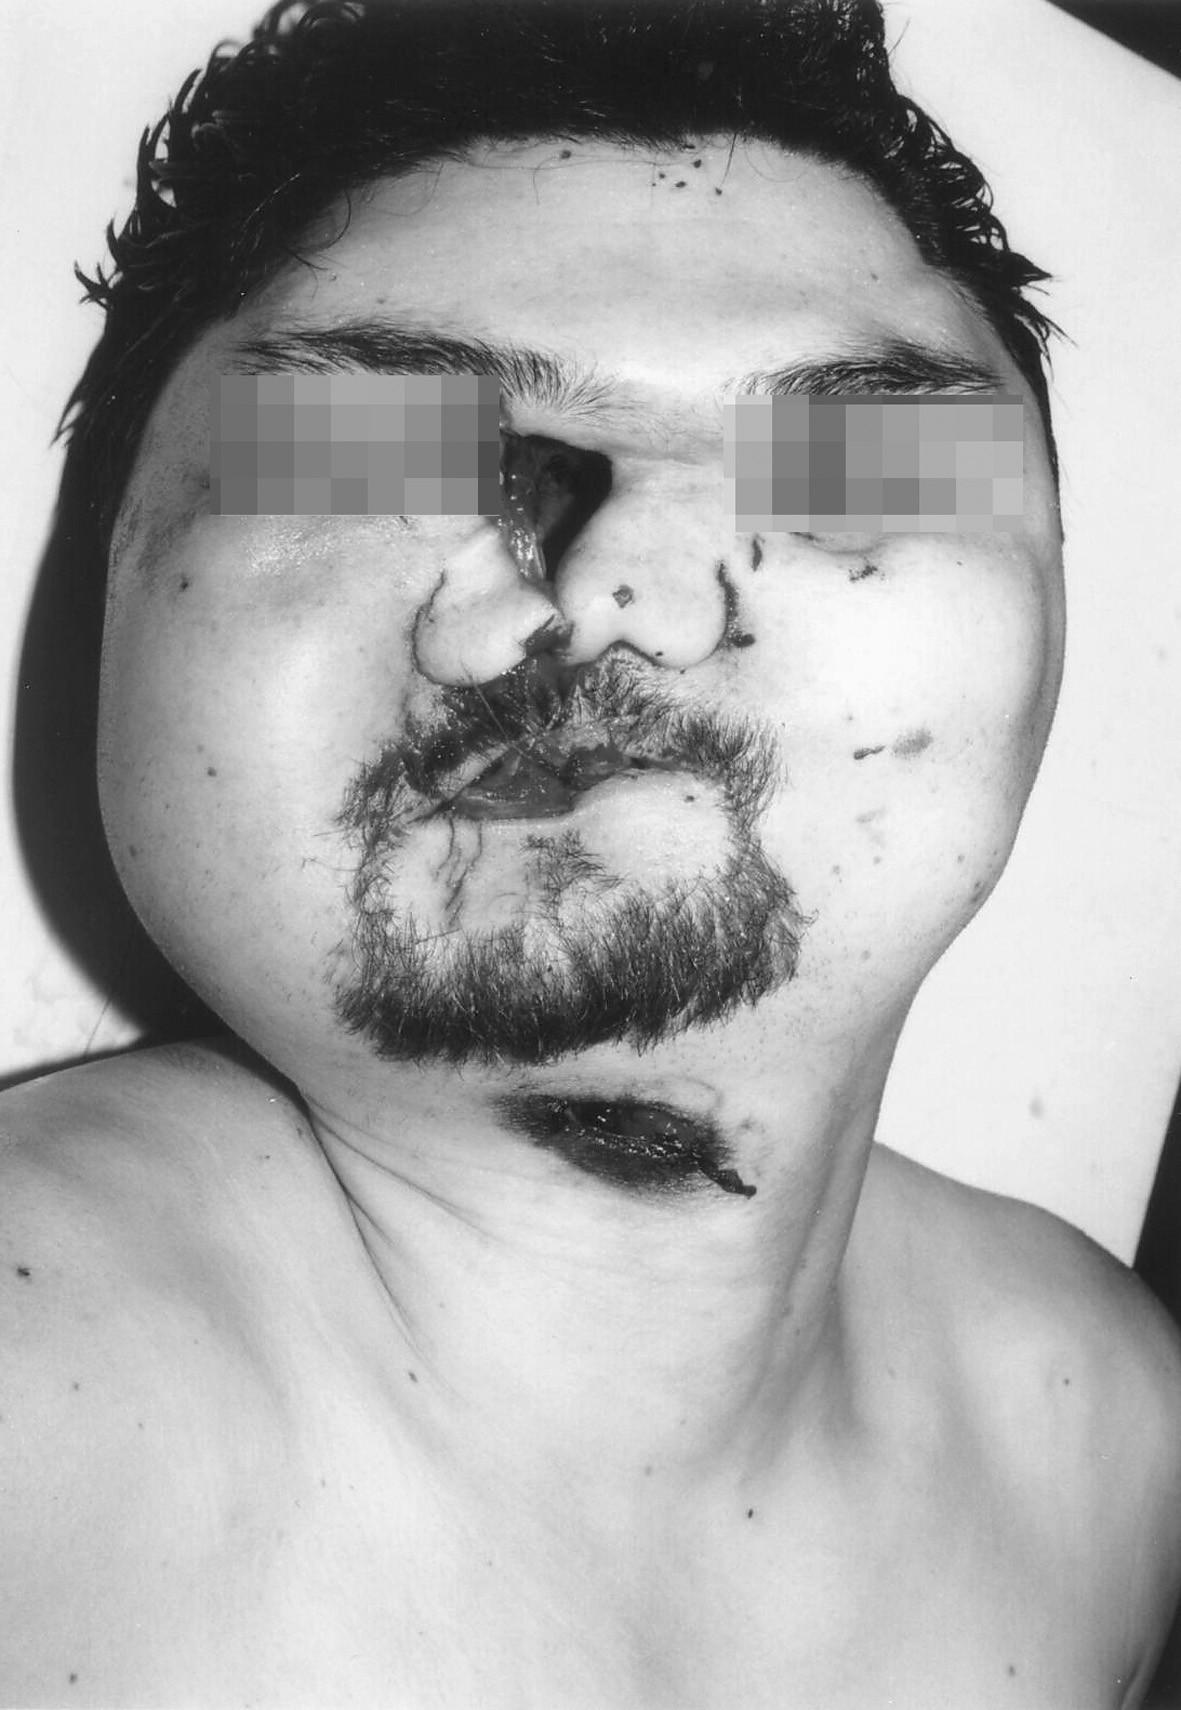 Sebevražda brokovnicí (ráž 16 x 70) – průstřel hlavy při střelbě z absolutní blízkosti. Vstřel pod bradou. V okolí úst, kořene nosu a očních víček četné trhliny měkkých tkání vzniklé vlivem expanze spalných plynů.